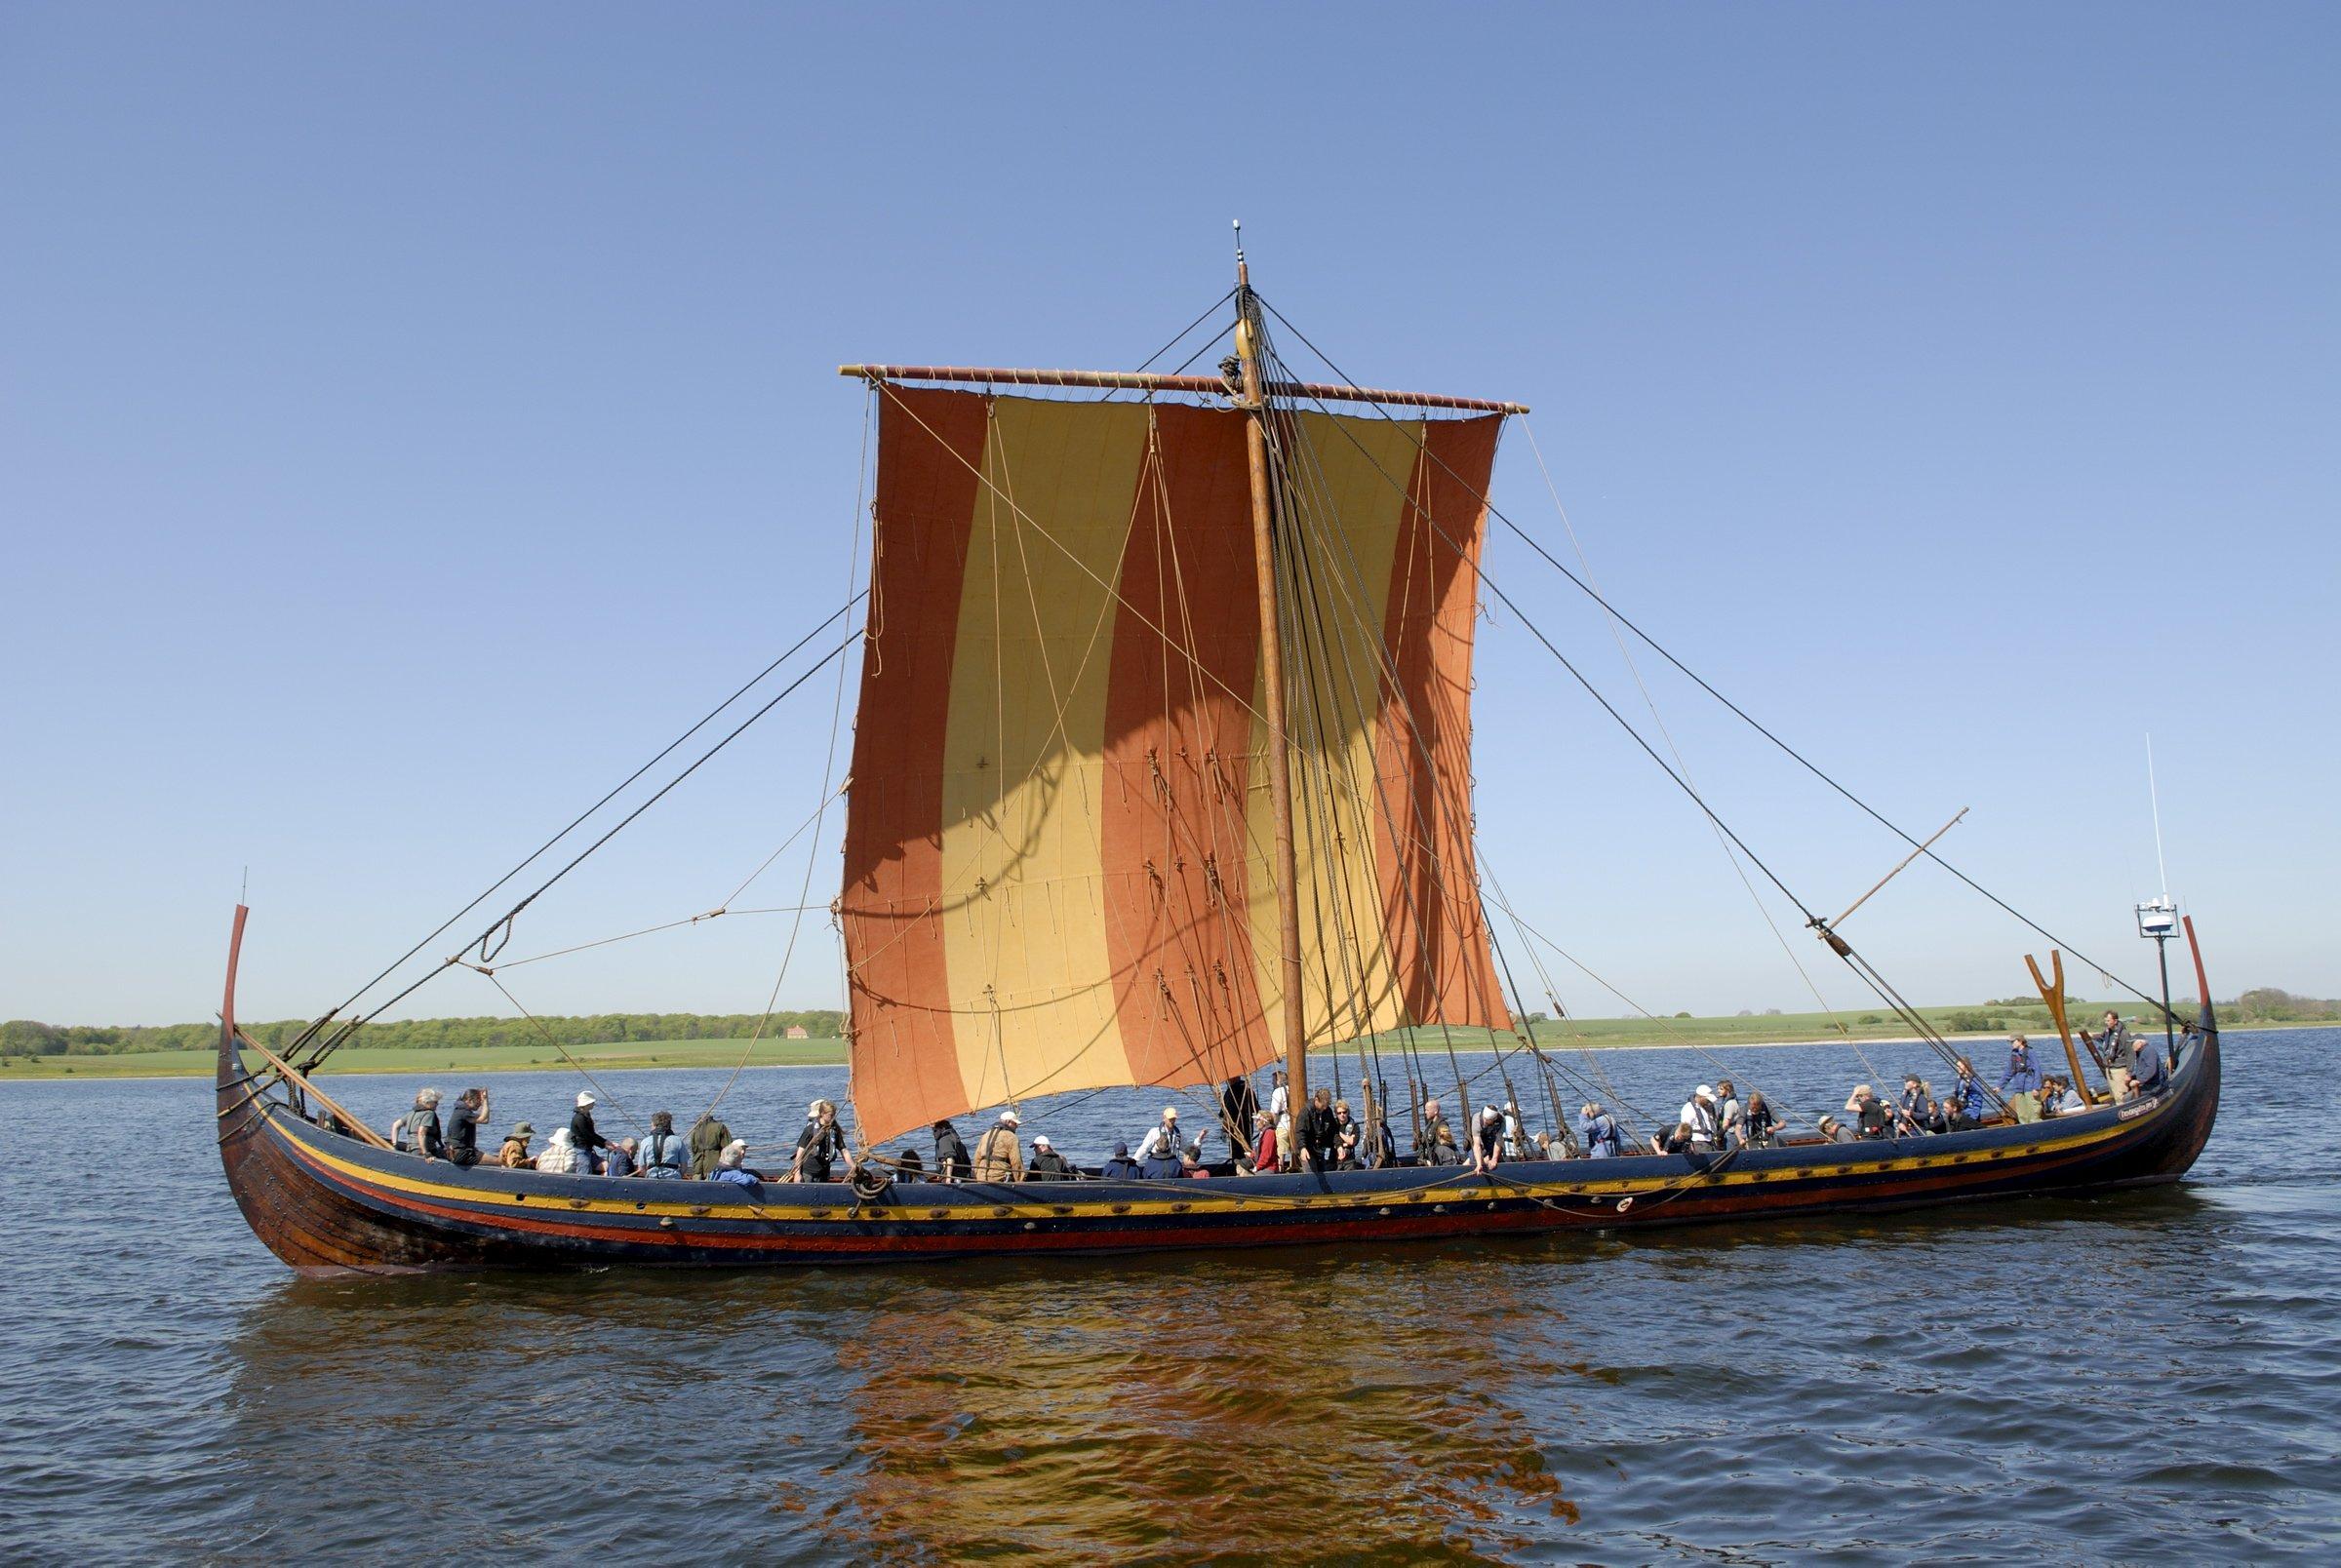 Viking voyage Photo courtesy of the Viking Ship Museum Roskilde 2400x1608